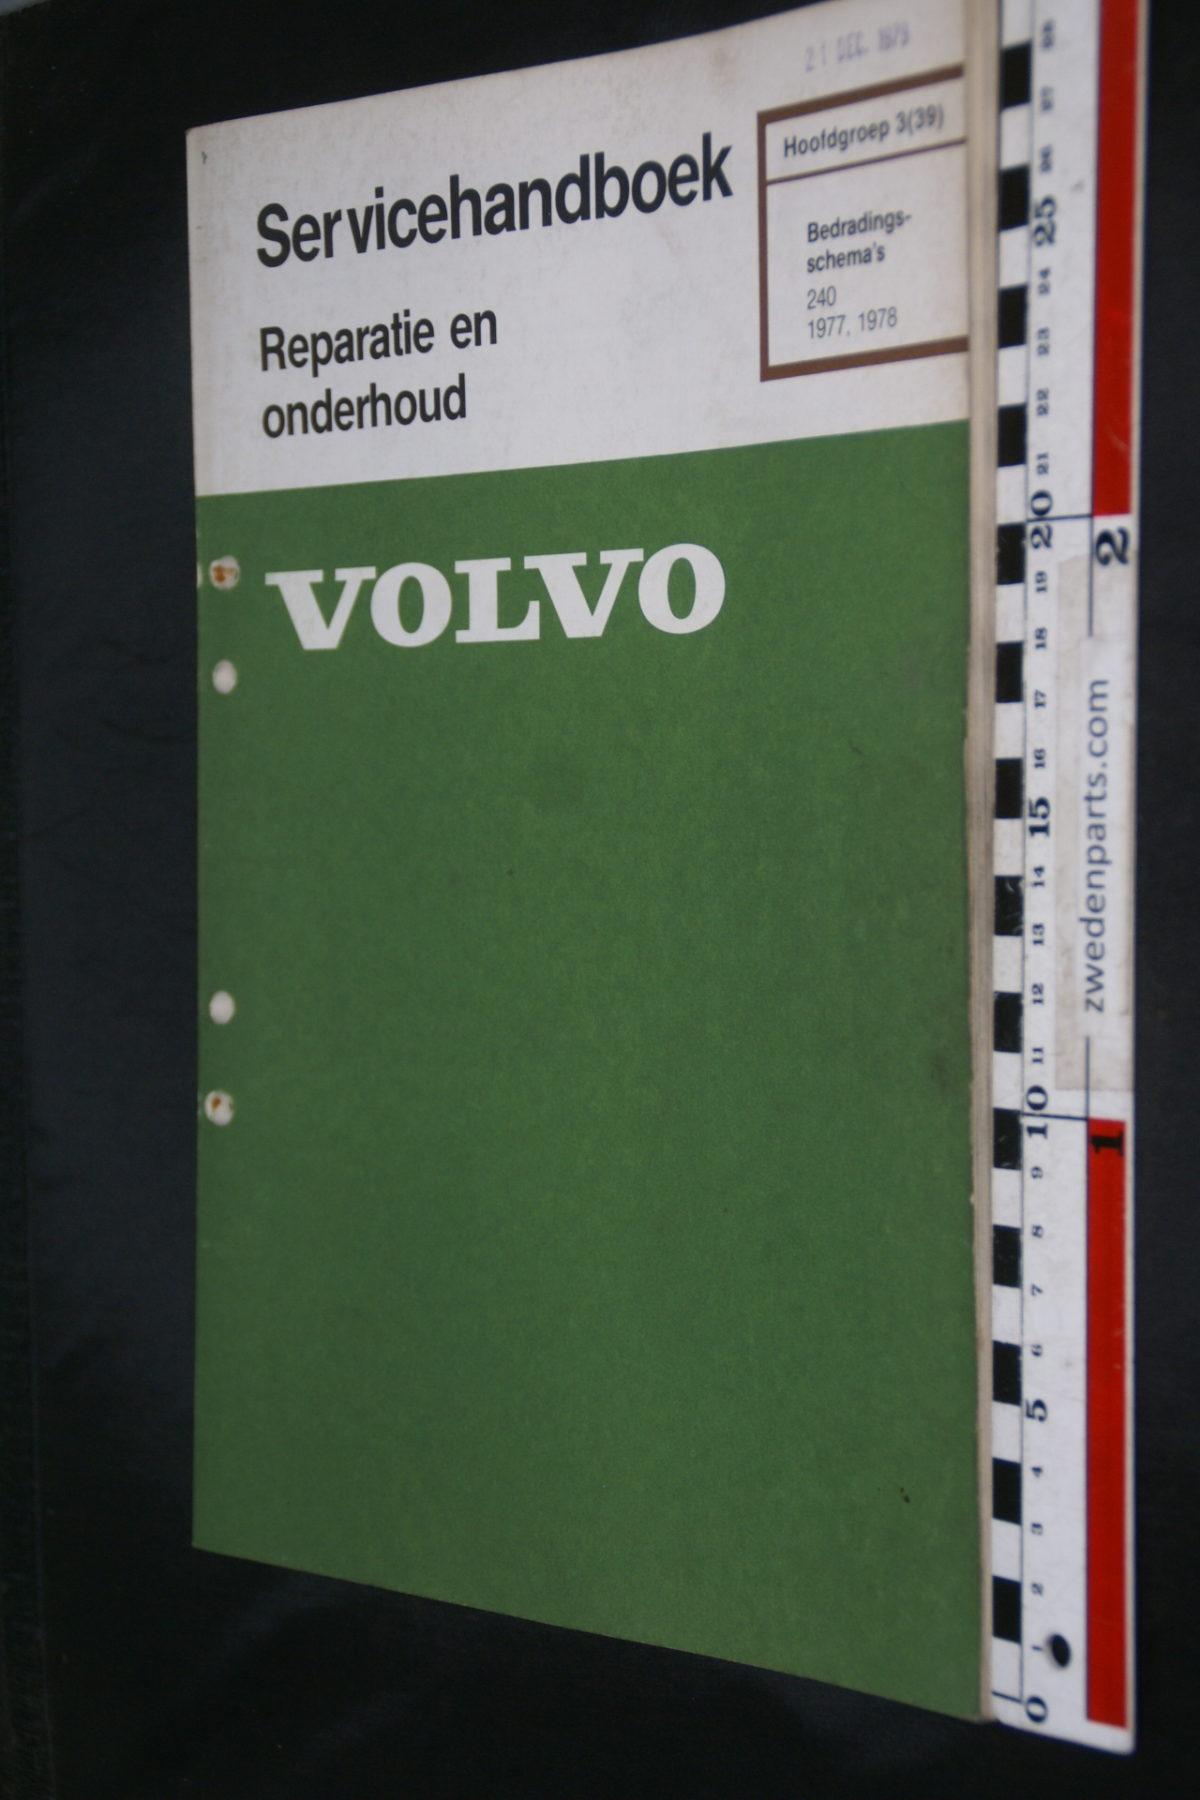 DSC08453 1979 origineel Volvo 240 servicehandboek  3 (39) bedradingsschema 1 van 750 TP 12508-1